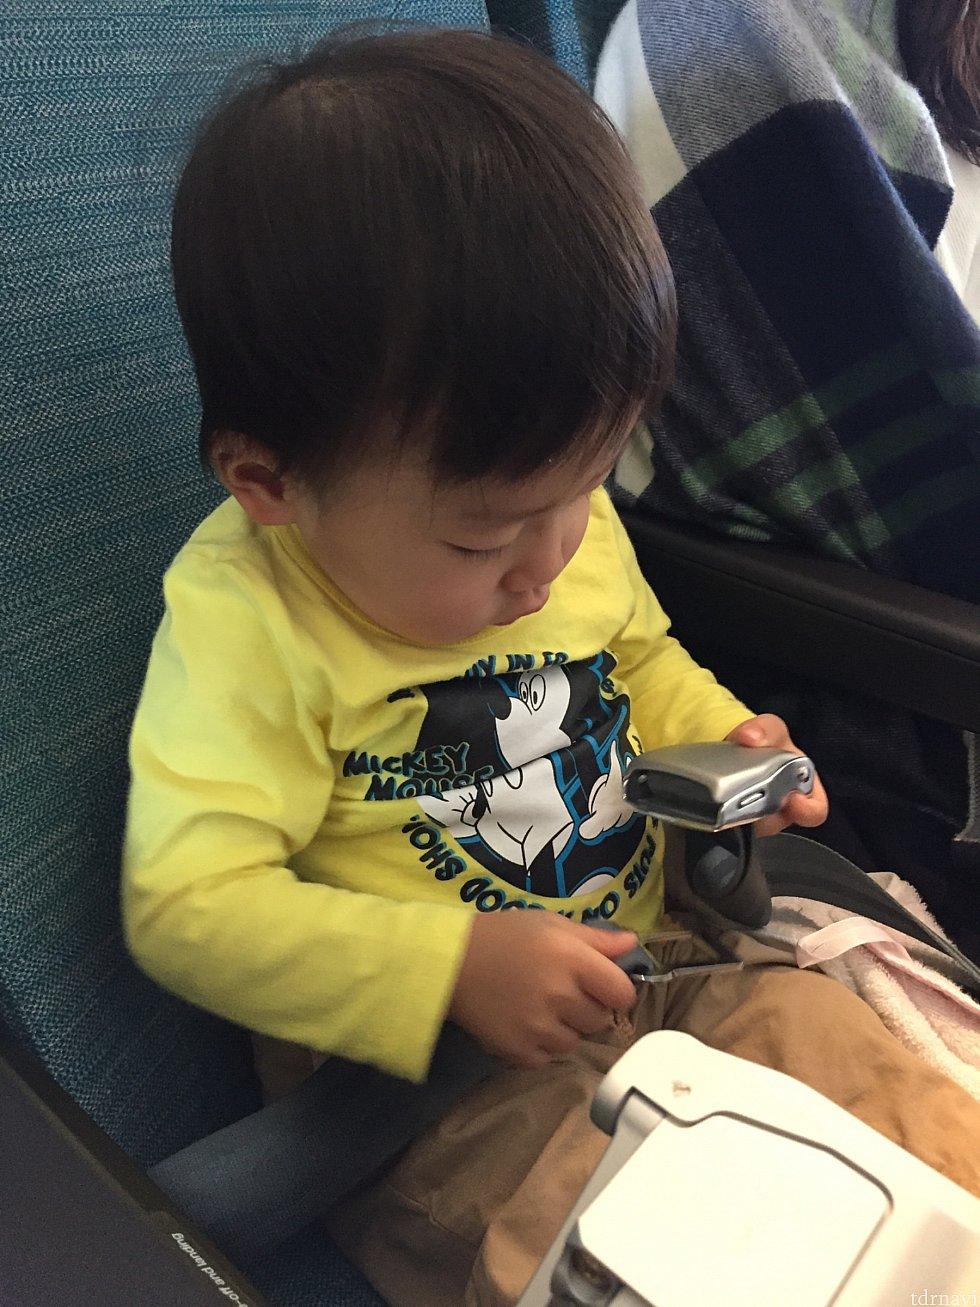 息子には別途、離着陸時シートベルトが渡されました😚